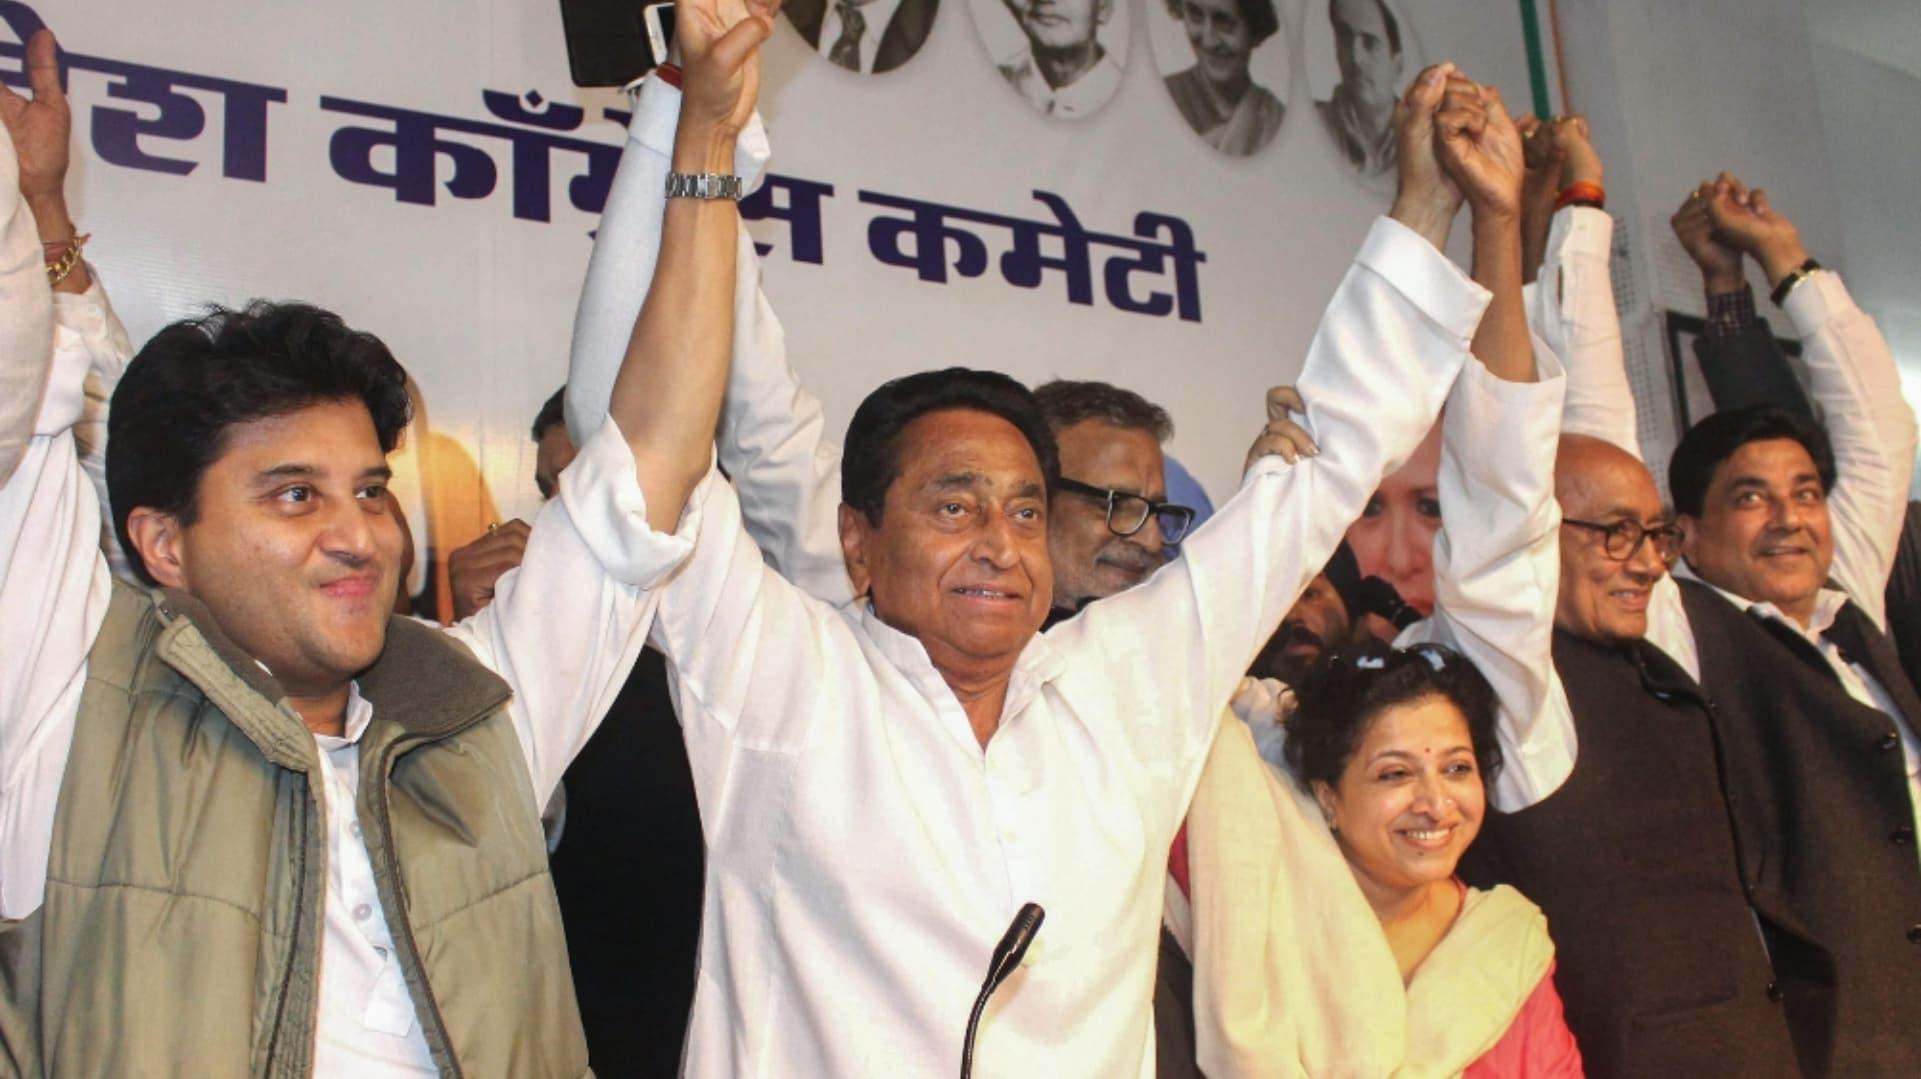 Jyotiraditya-Scindia-Kamal-Nath-Digvijay-Singh